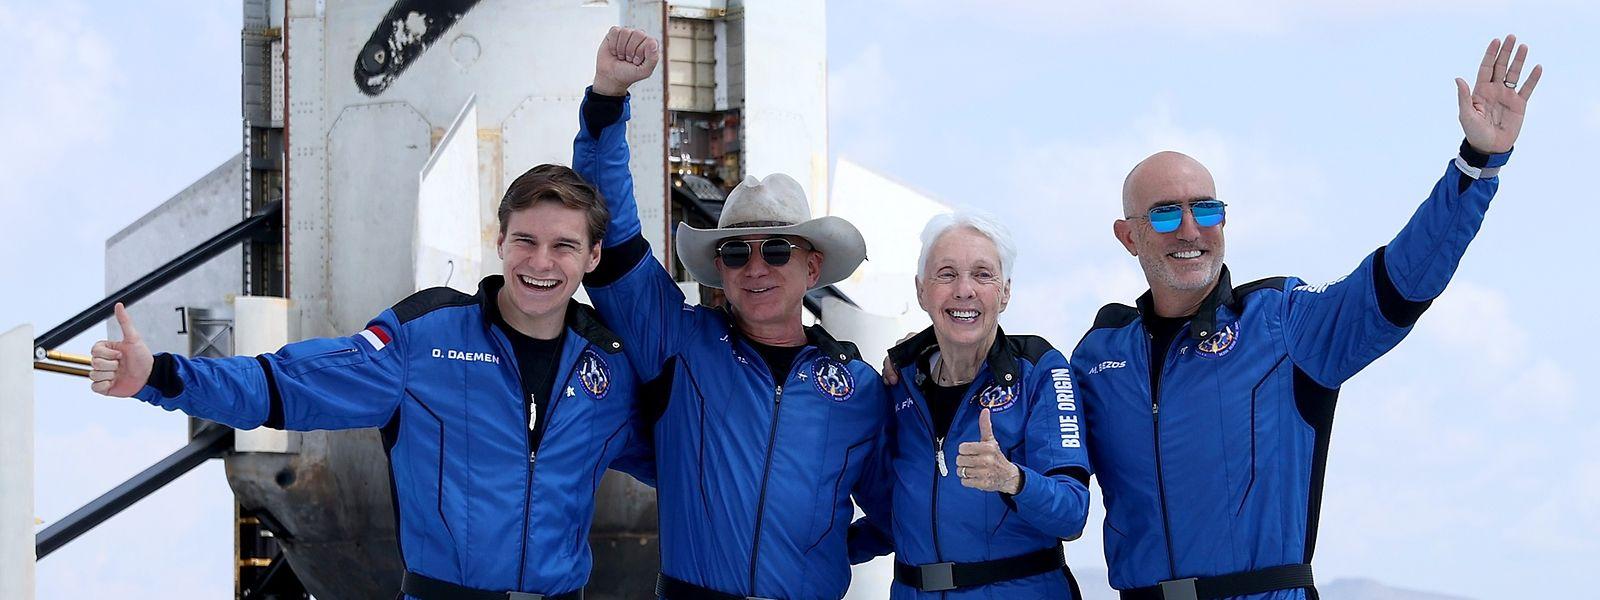 Die New-Shepard-Crew nach dem Weltraum-Flug: Oliver Daemen, Jeff Bezos, Wally Funk und Mark Bezos (v.l.n.r.).